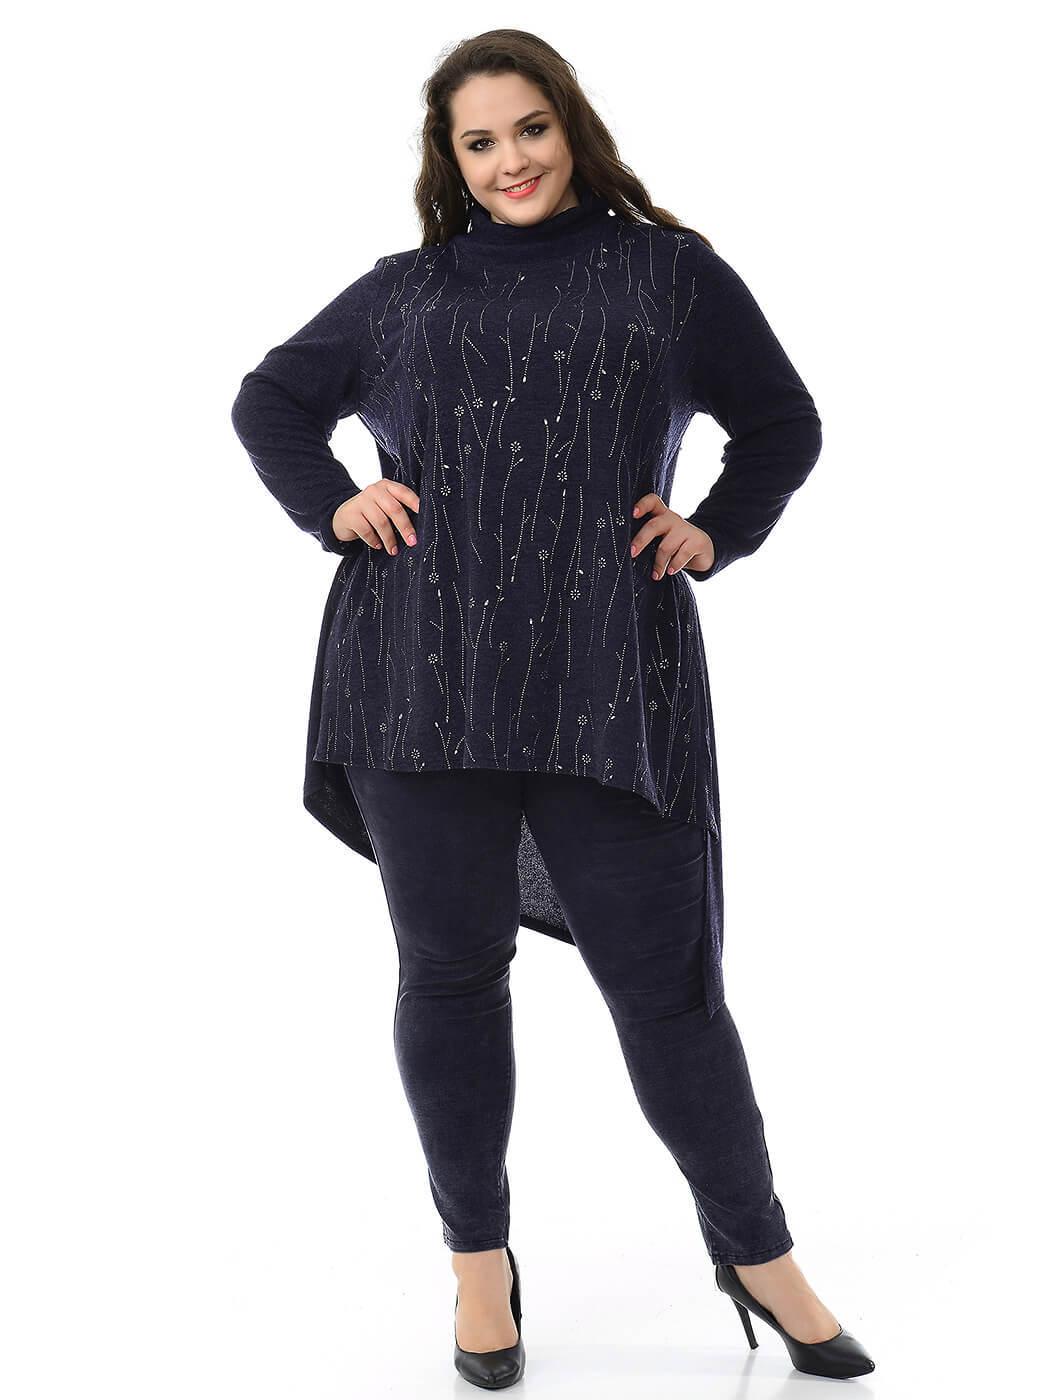 Купить тунику джемпер 76 размера женский